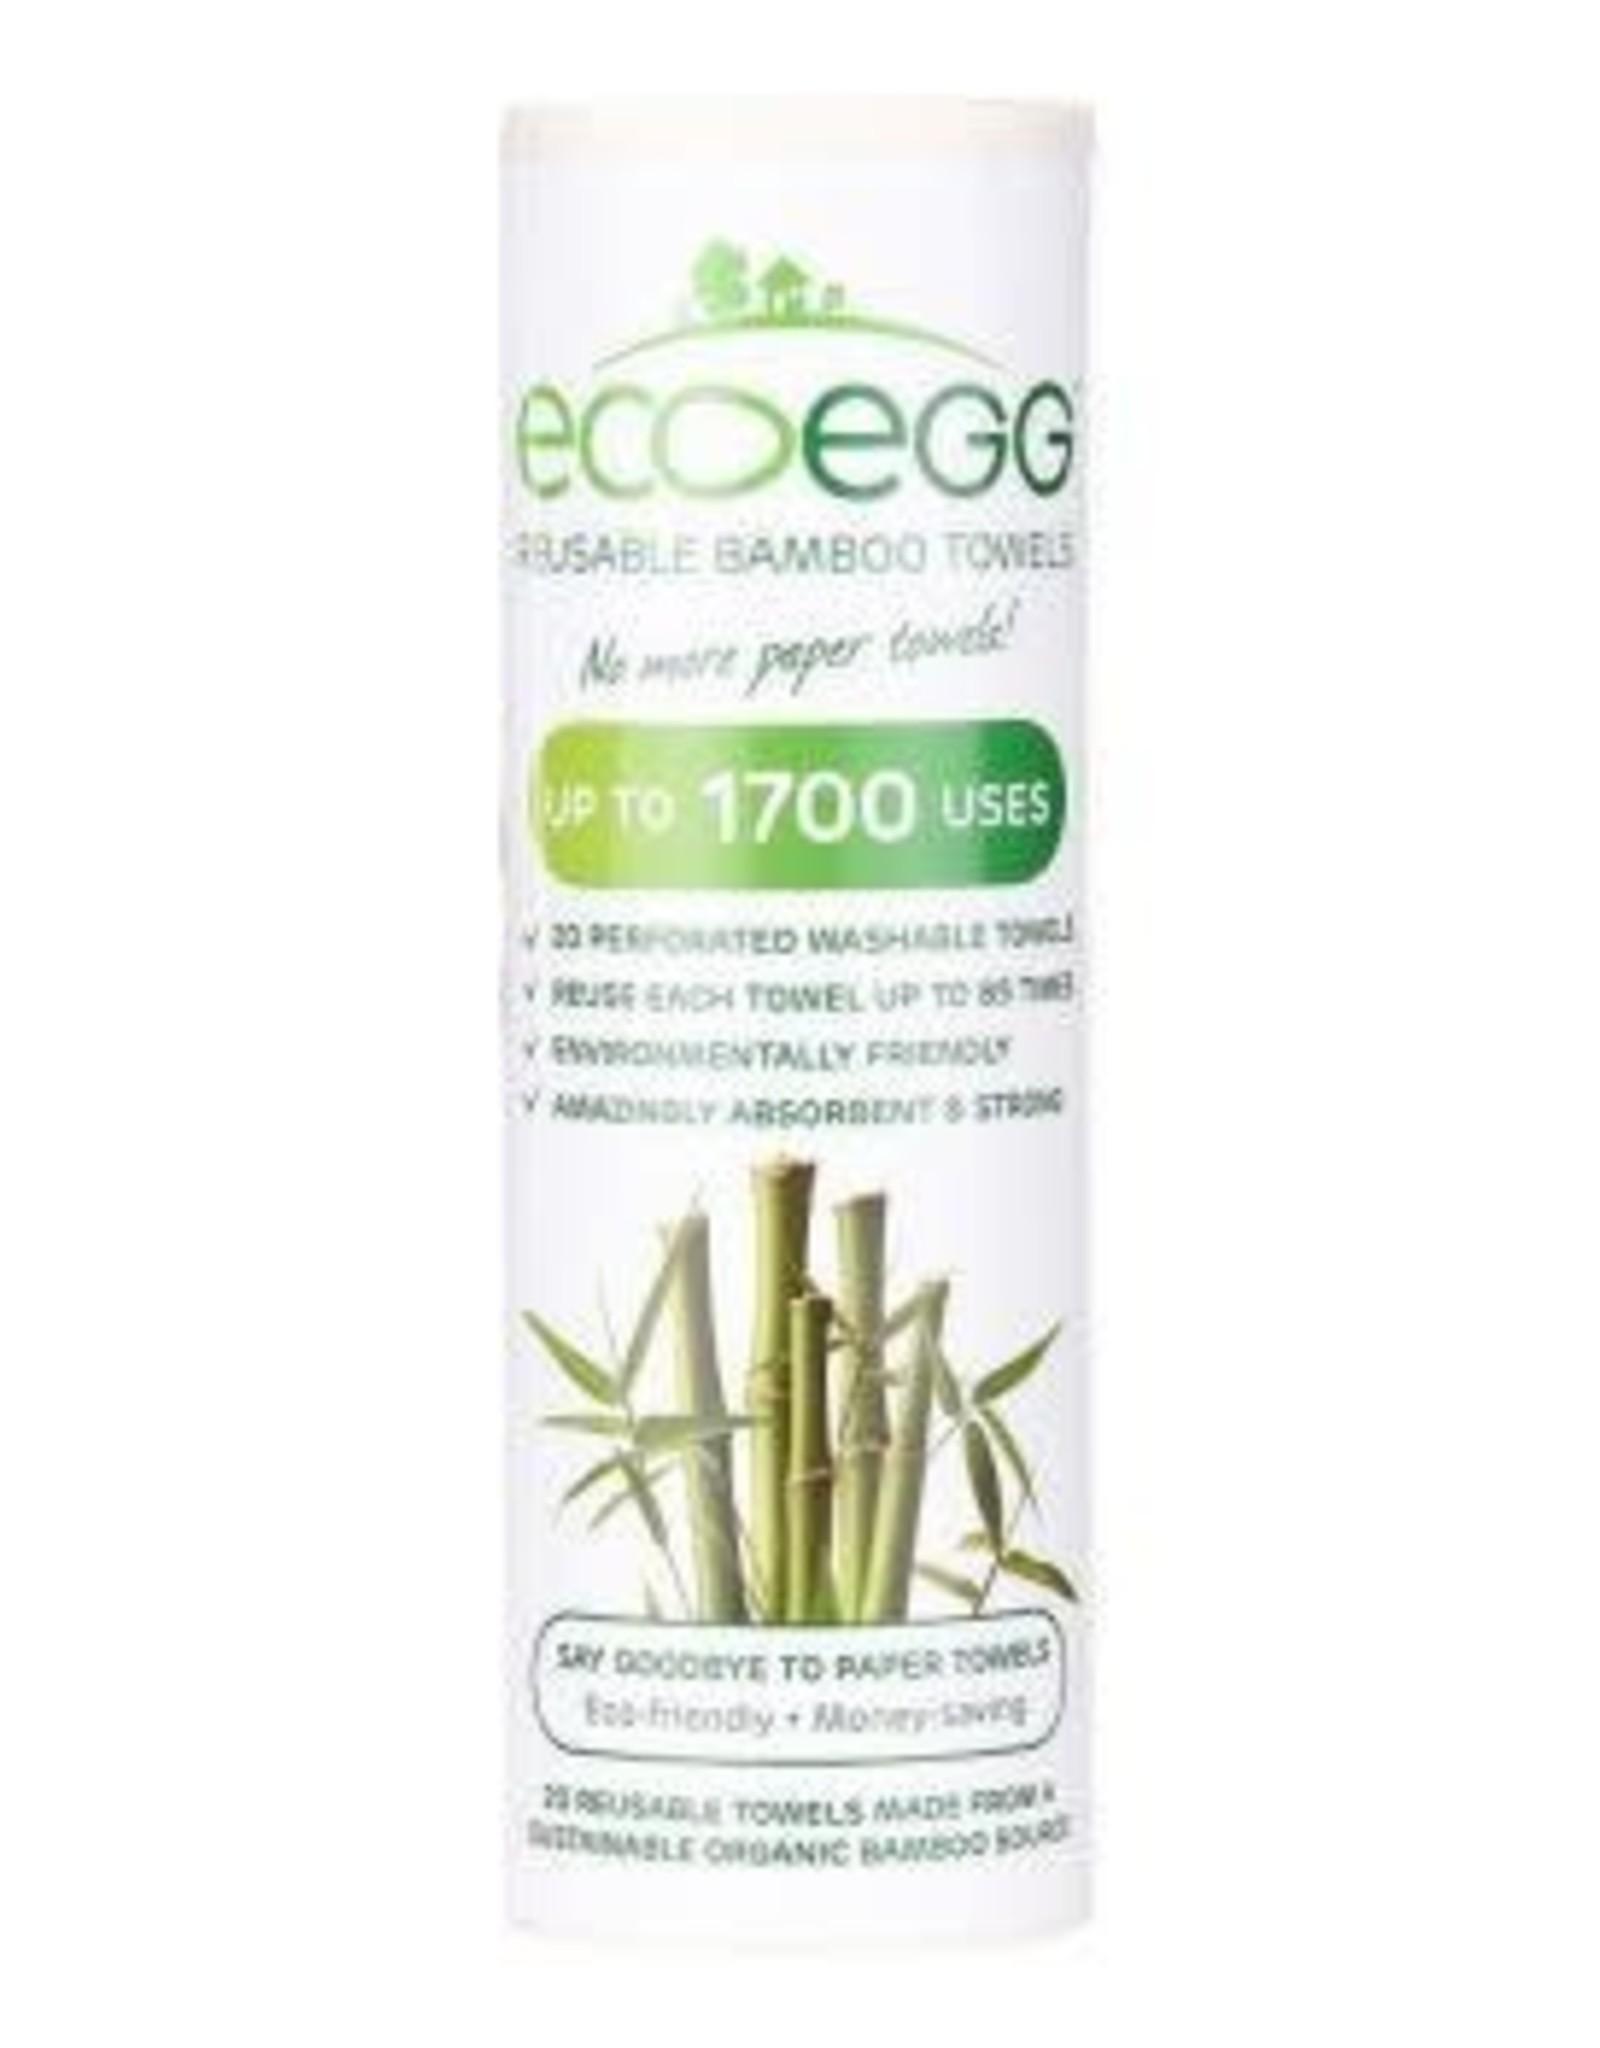 Ecoegg Bamboo herbruikbare Schoonmaakdoekjes op rol - 20 stuks